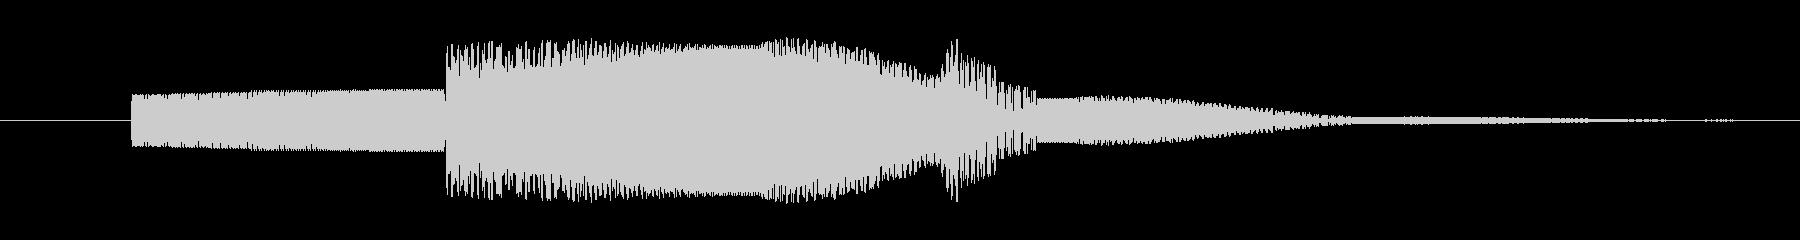 電子音的ボタン音の未再生の波形